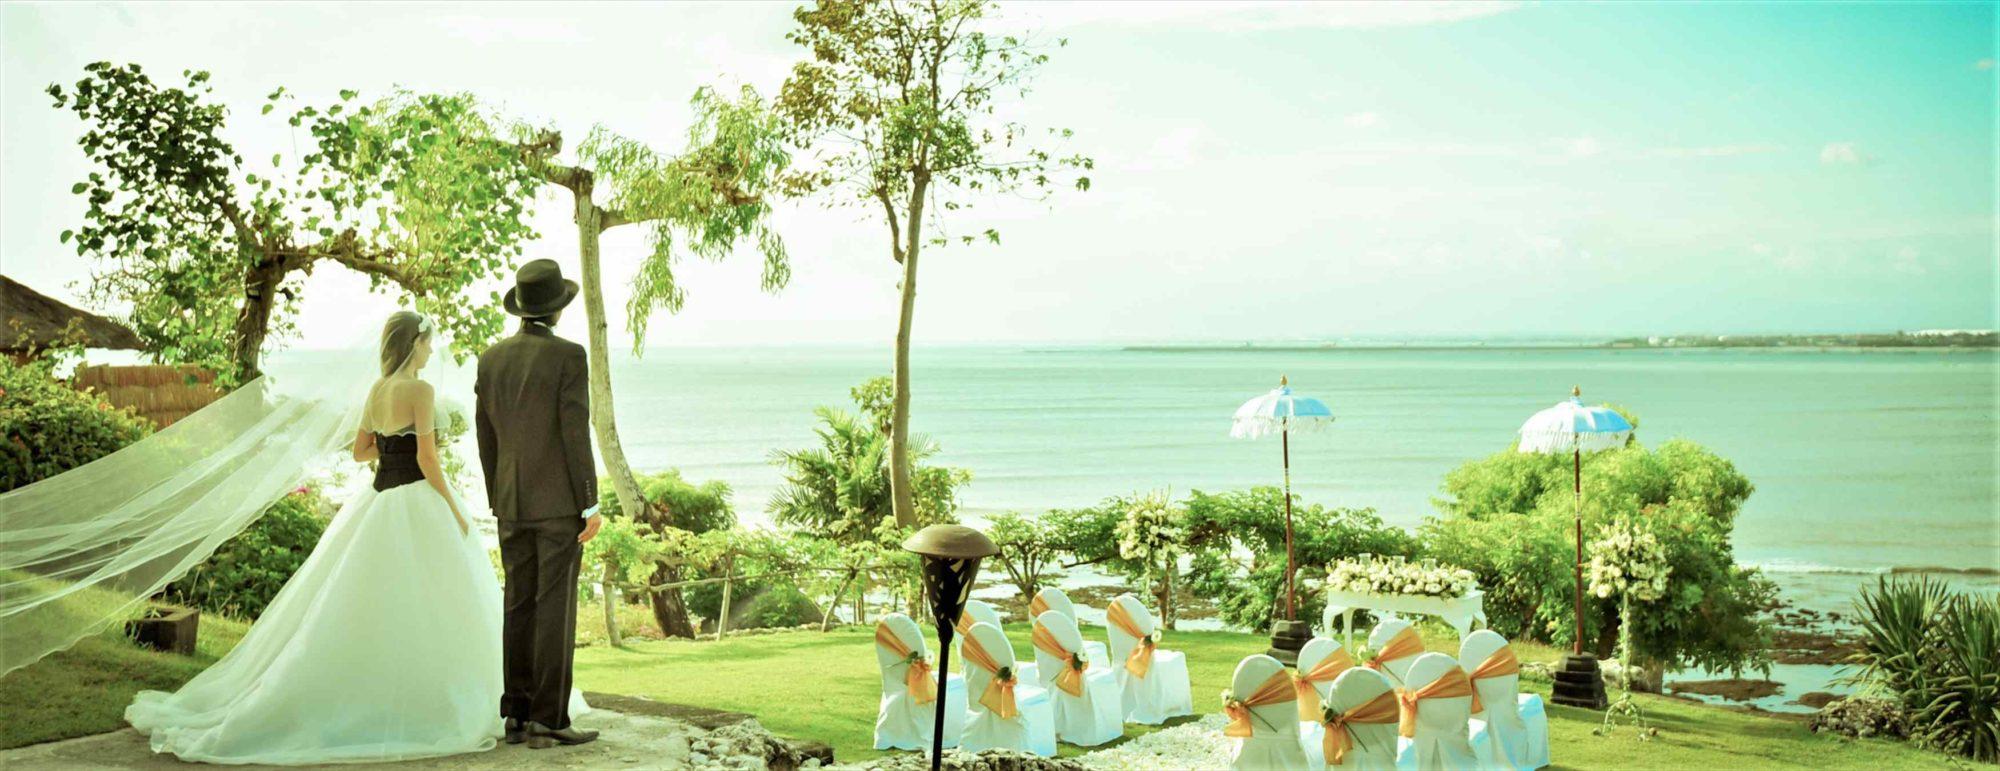 バリ島絶景のガーデンウェディング Fourseasons Resort Bali at Jimbaran Bay フォーシズンズ・リゾート・バリ・アット・ジンバラン・ベイ